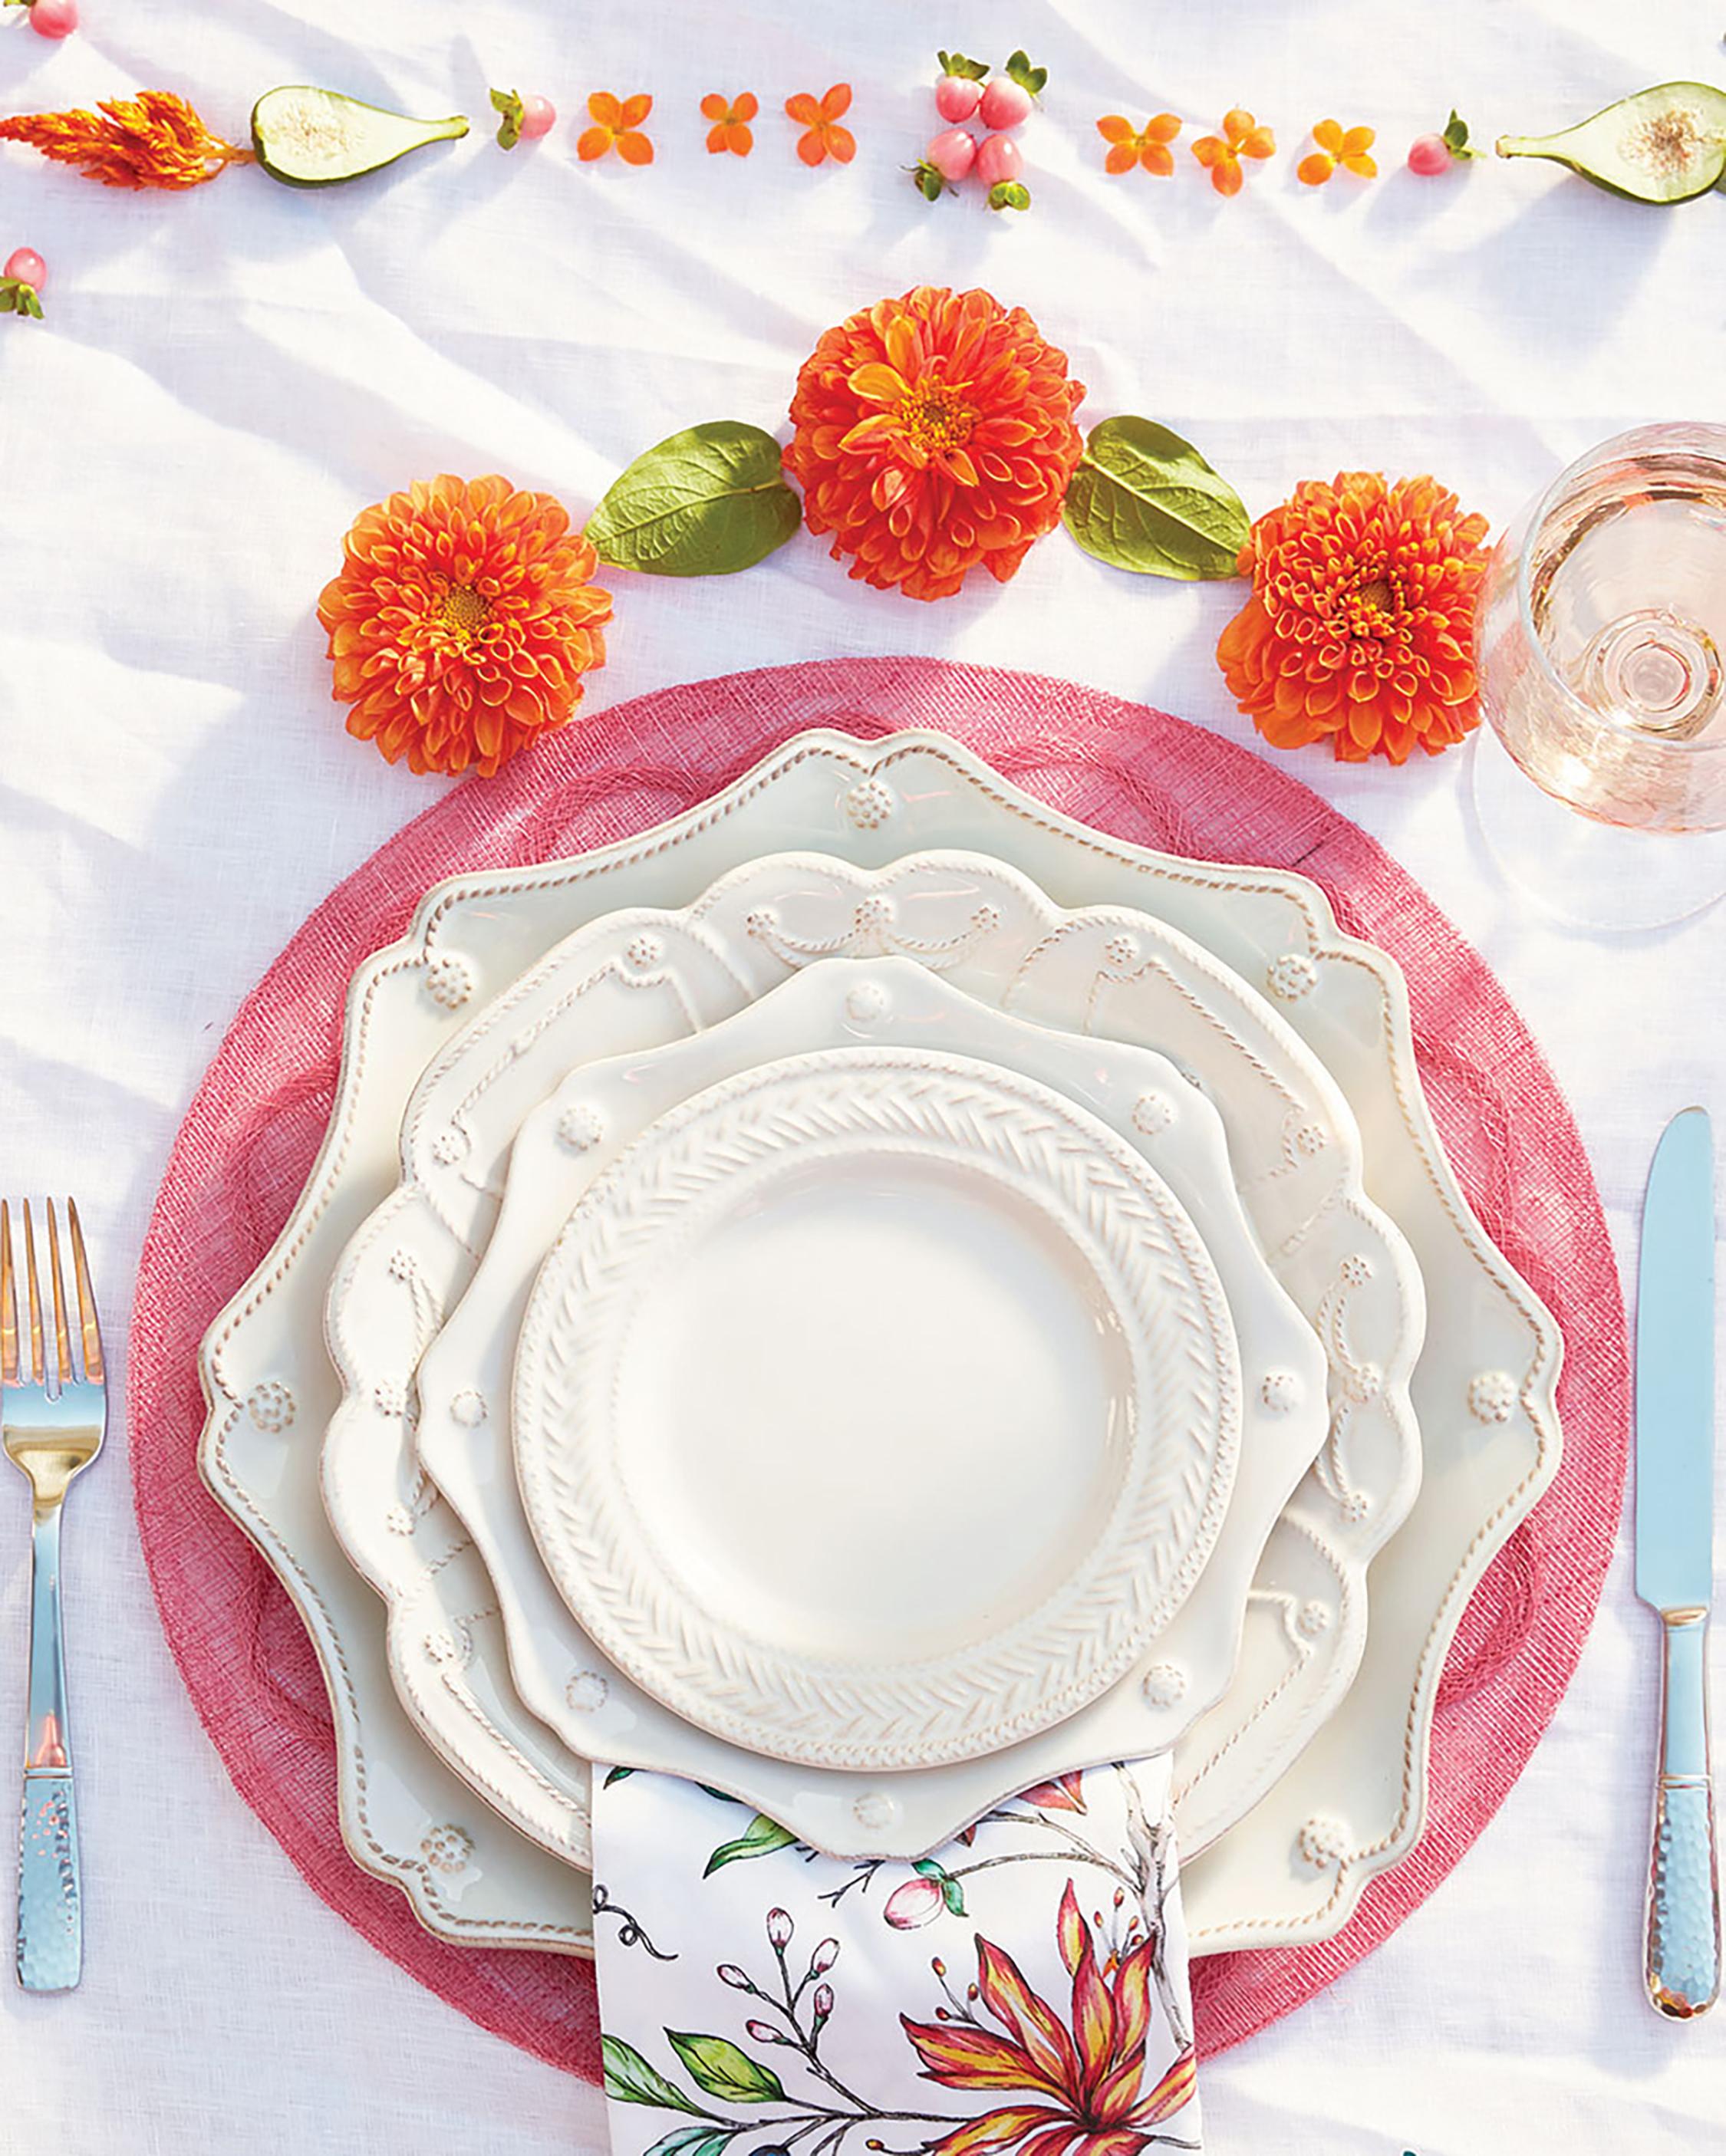 Juliska Berry & Thread Whitewash Scallop Dessert Plate 2